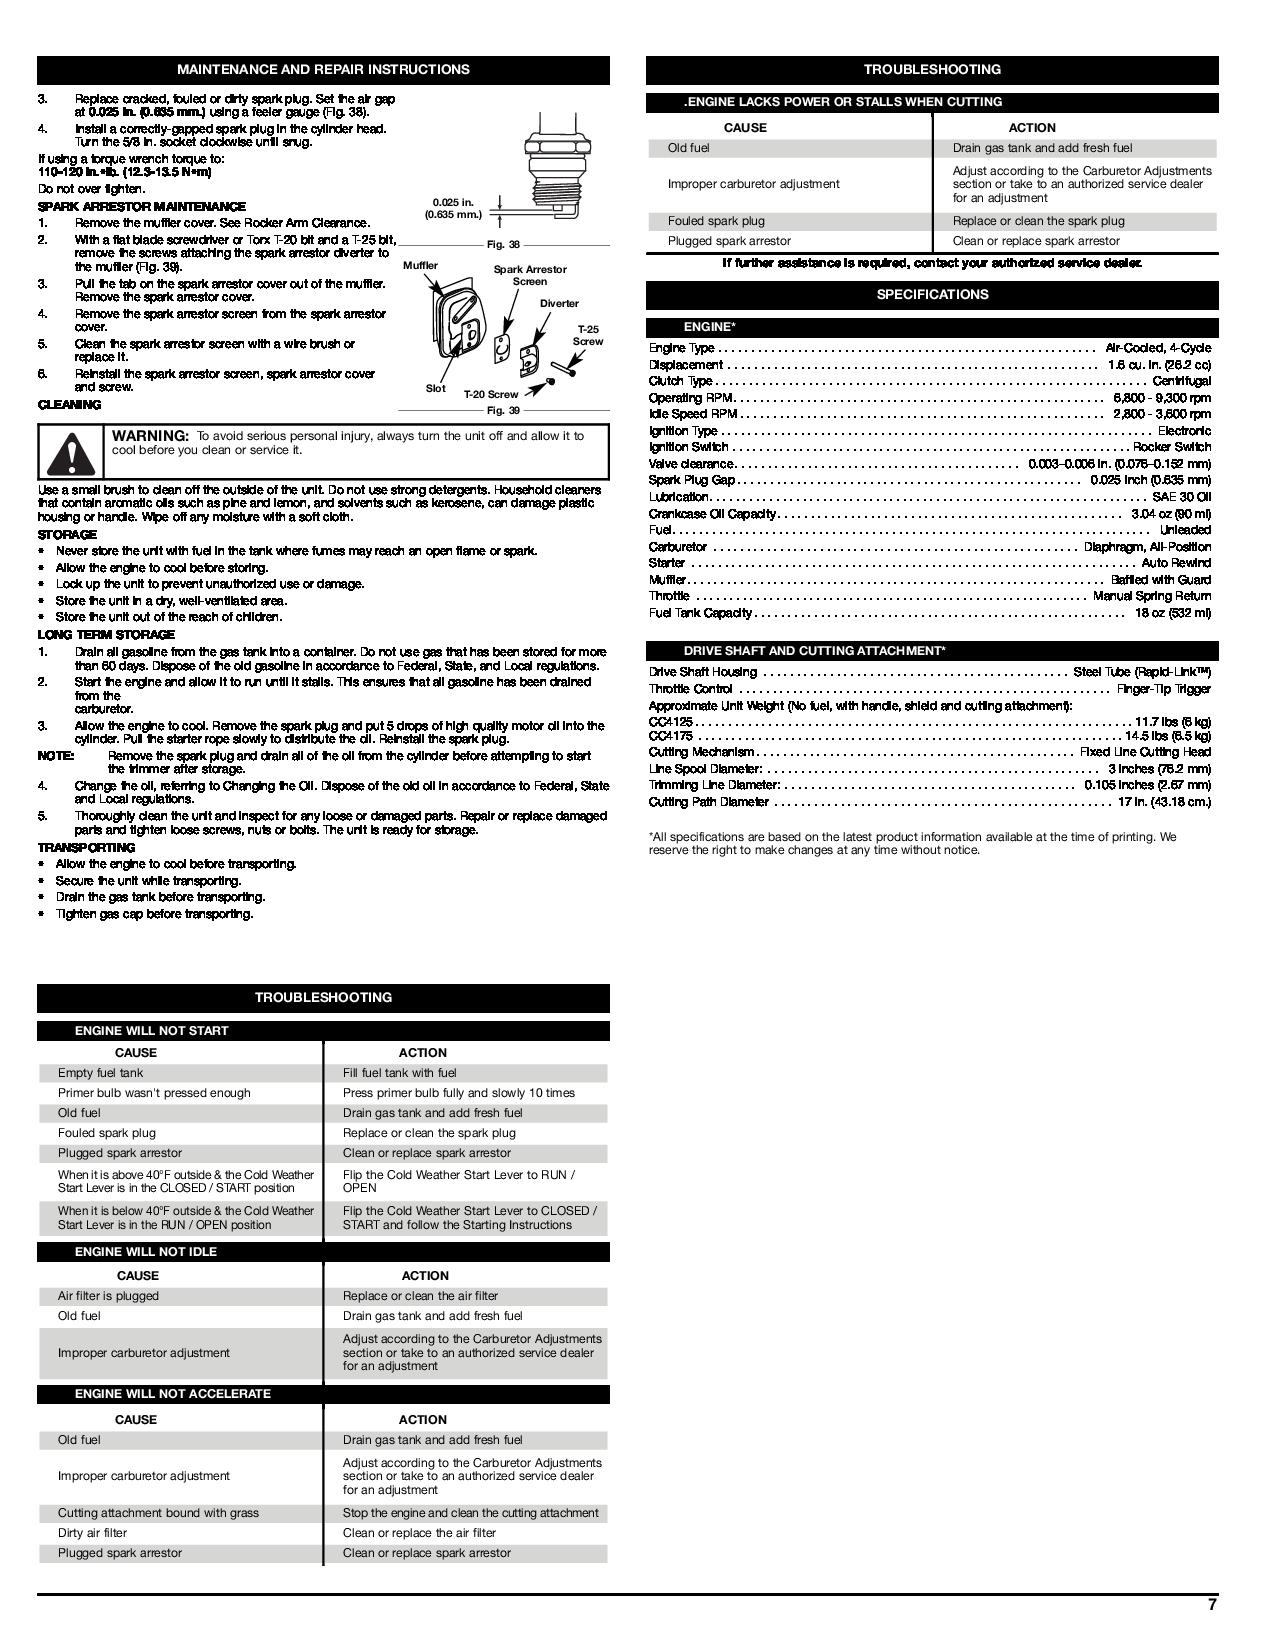 Cub Cadet CC4125, CC4175 manual